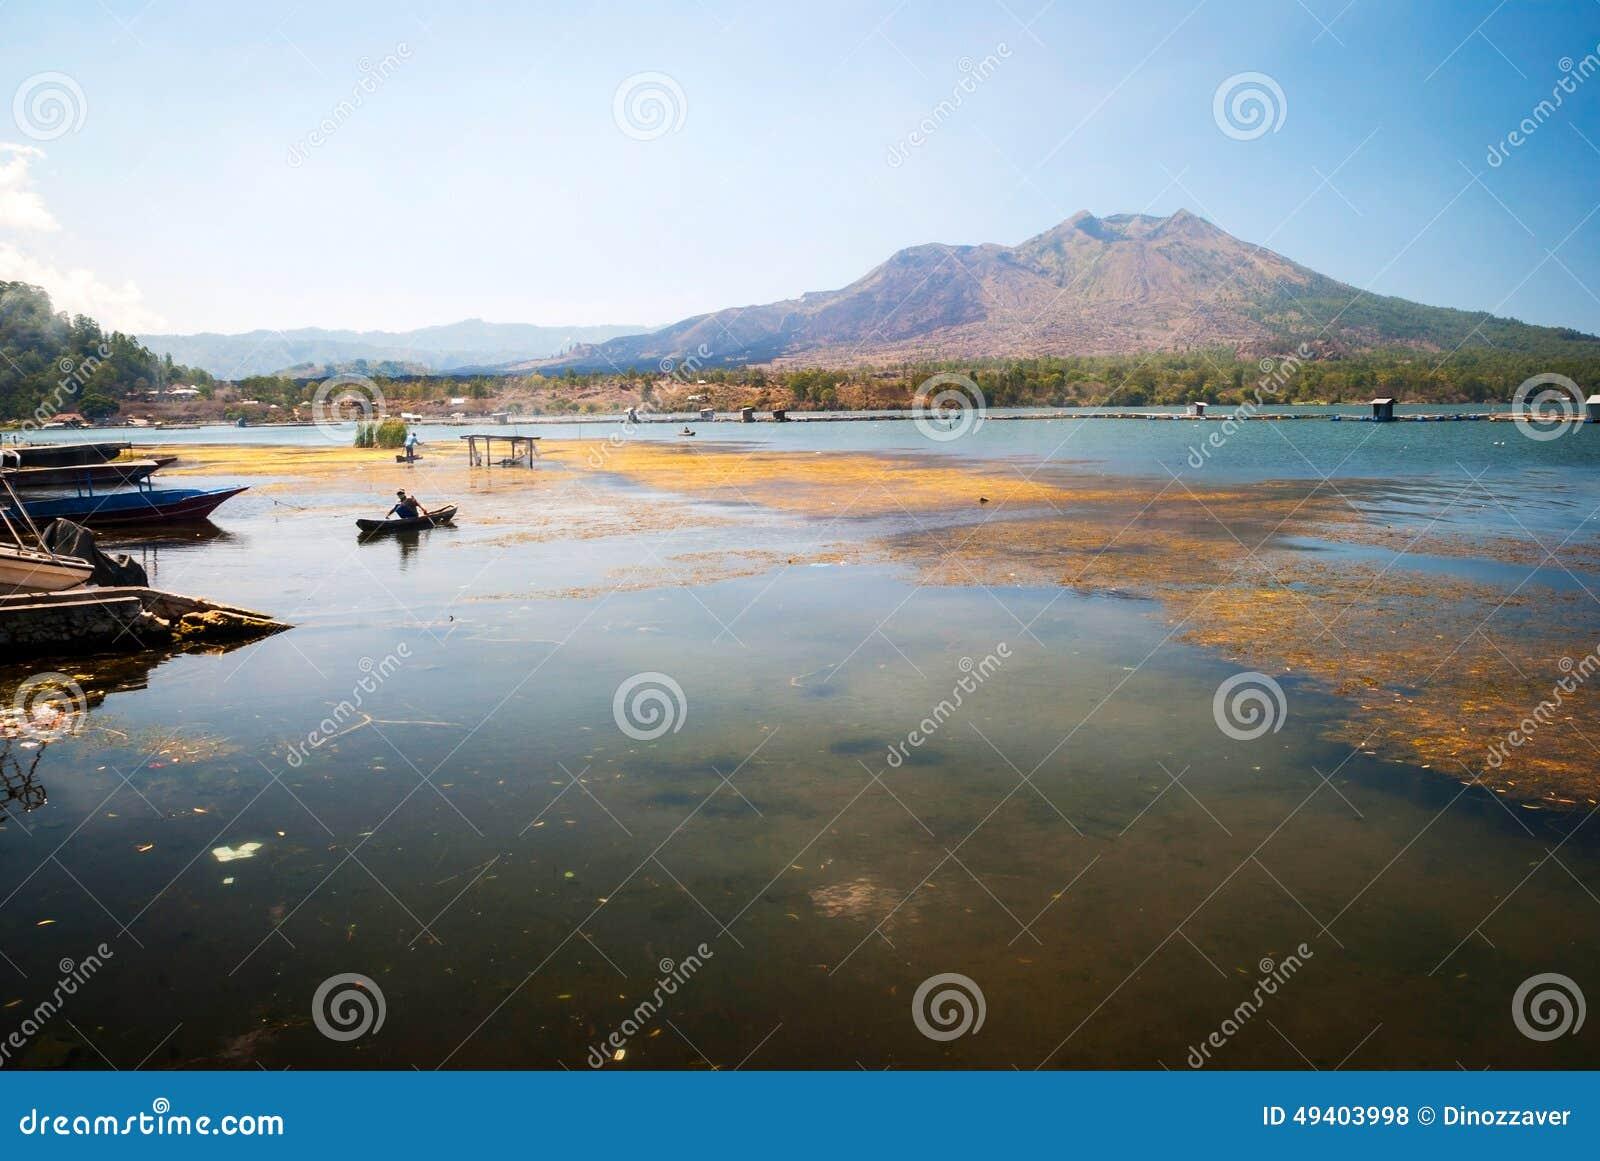 Download Danar-batur See Im Vulkanischen Kessel, Bali, Indonesien Stockfoto - Bild von boot, indonesien: 49403998